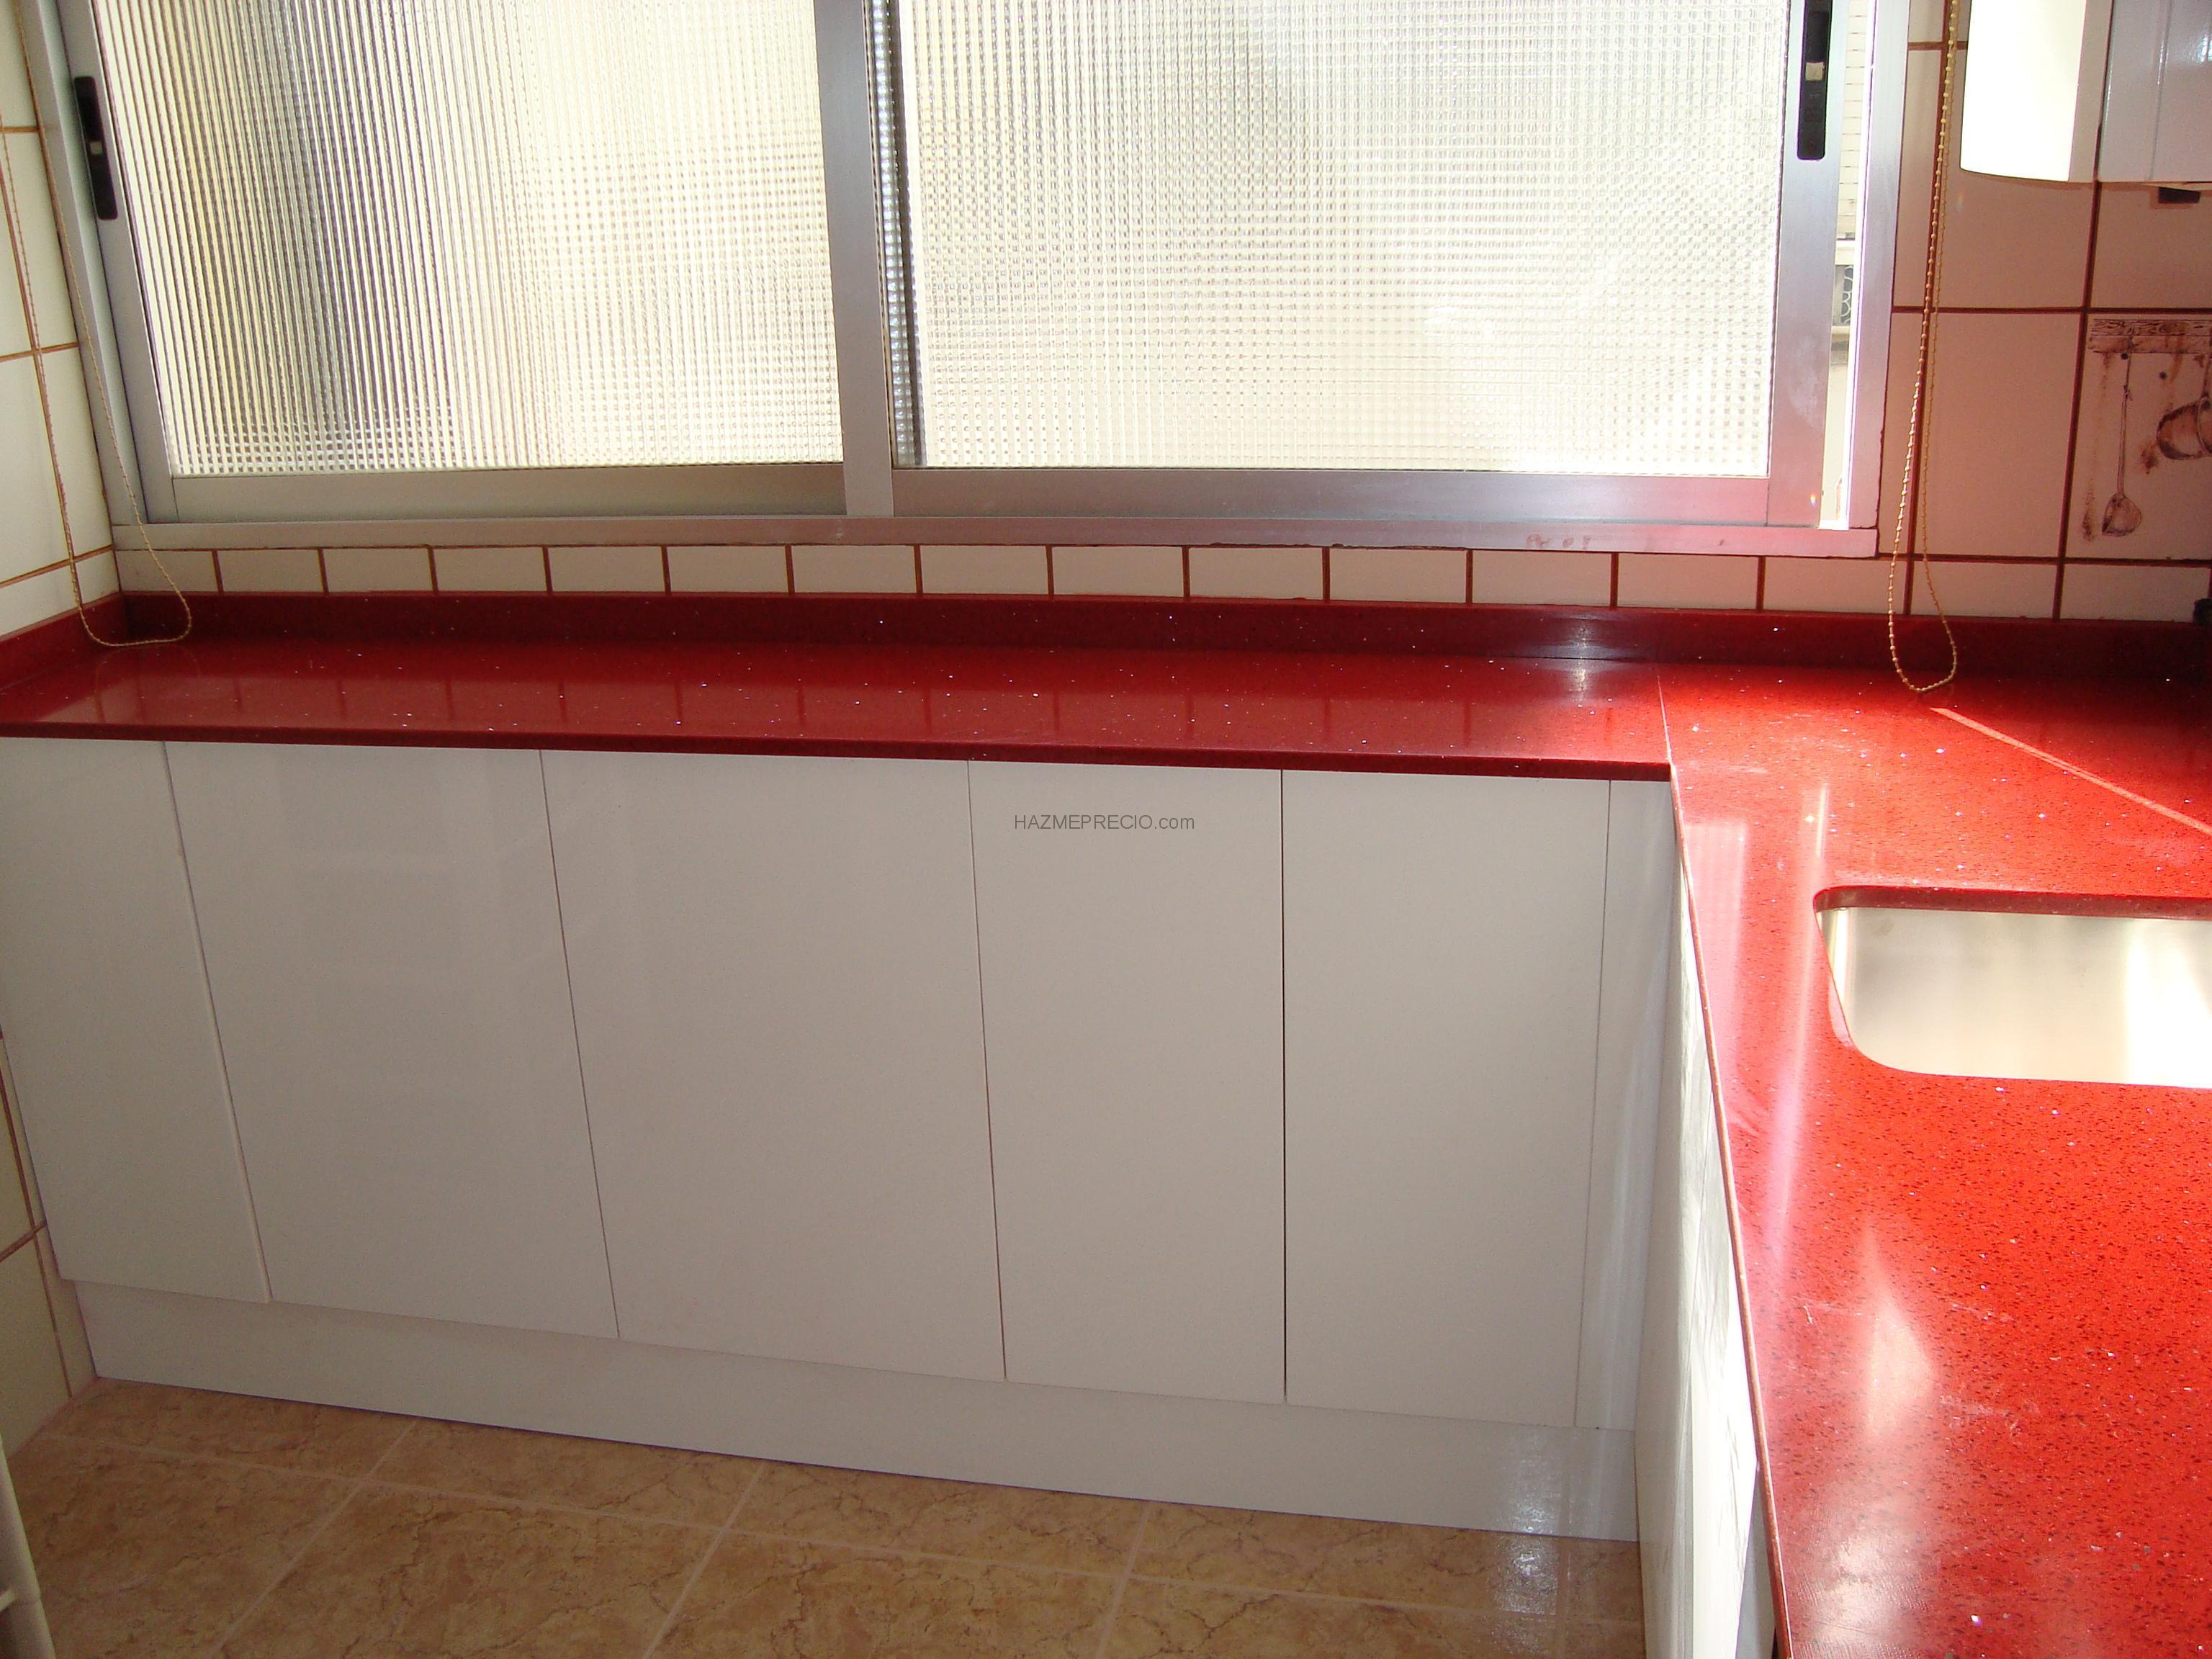 Silex encimeras creativas 46192 montserrat valencia - Bancadas de cocina ...